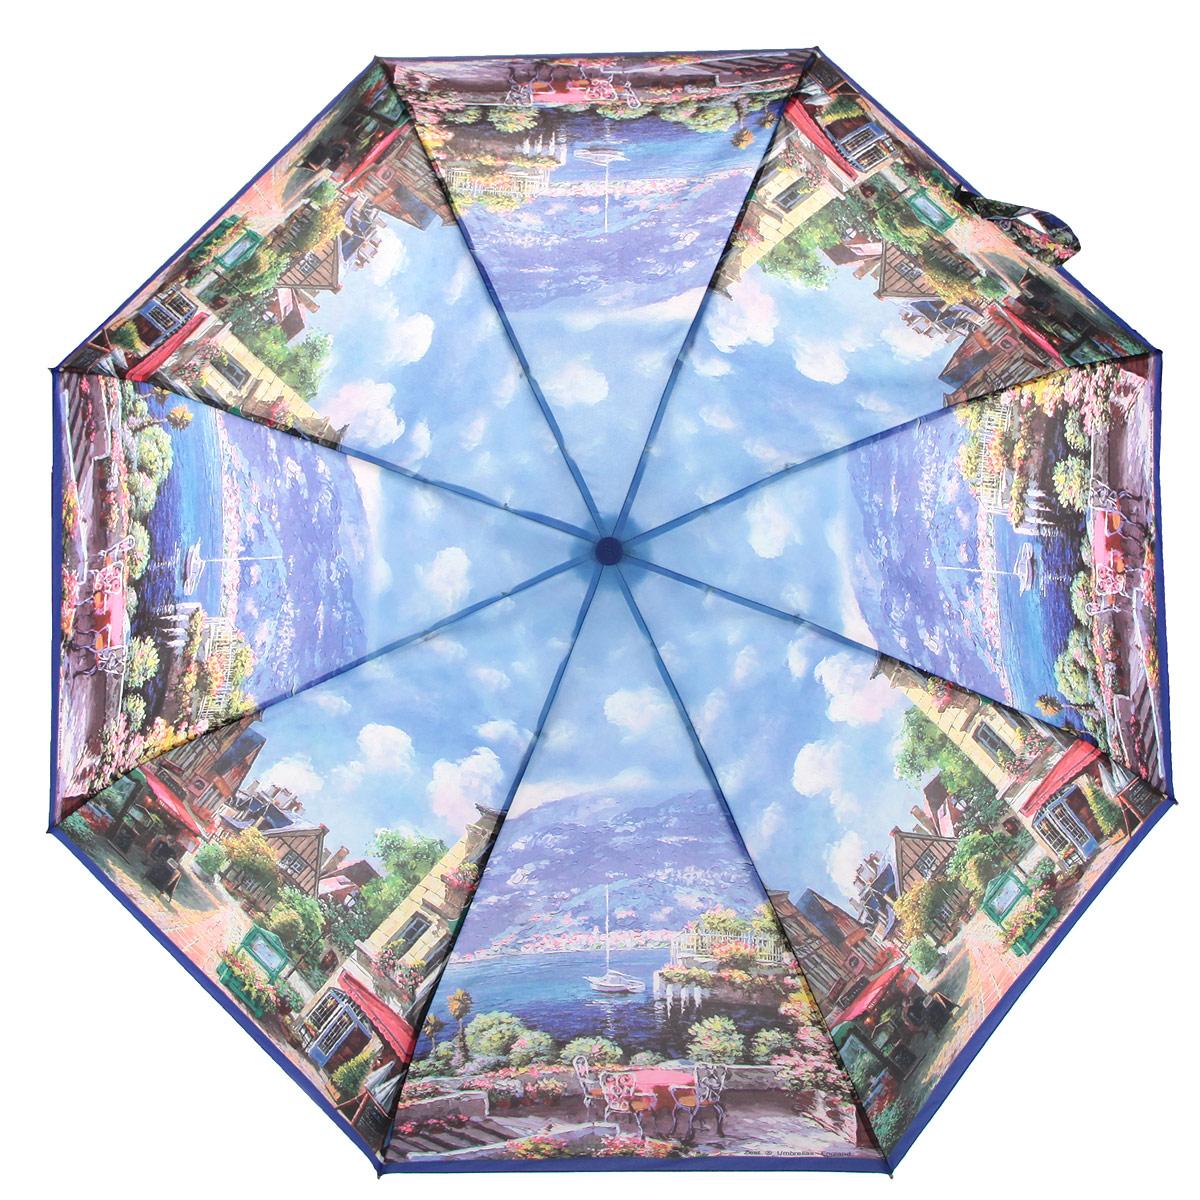 Зонт женский Zest, цвет: синий, мультицвет. 247555-03247555-03Стильный женский зонт ZEST с облегченным каркасом выполнен из алюминия с антикоррозийным покрытием, спицы из фибергласса, устойчивые к выгибанию. Купол зонта изготовлен полиэстера с водоотталкивающей пропиткой. Закрытый купол застегивается на липучку хлястиком. Практичная рукоятка закругленной формы разработана с учетом требований эргономики и выполнена из пластика. Зонт оснащен автоматическим механизмом и чехлом. Такой зонт не только надежно защитит от дождя, но и станет стильным аксессуаром.